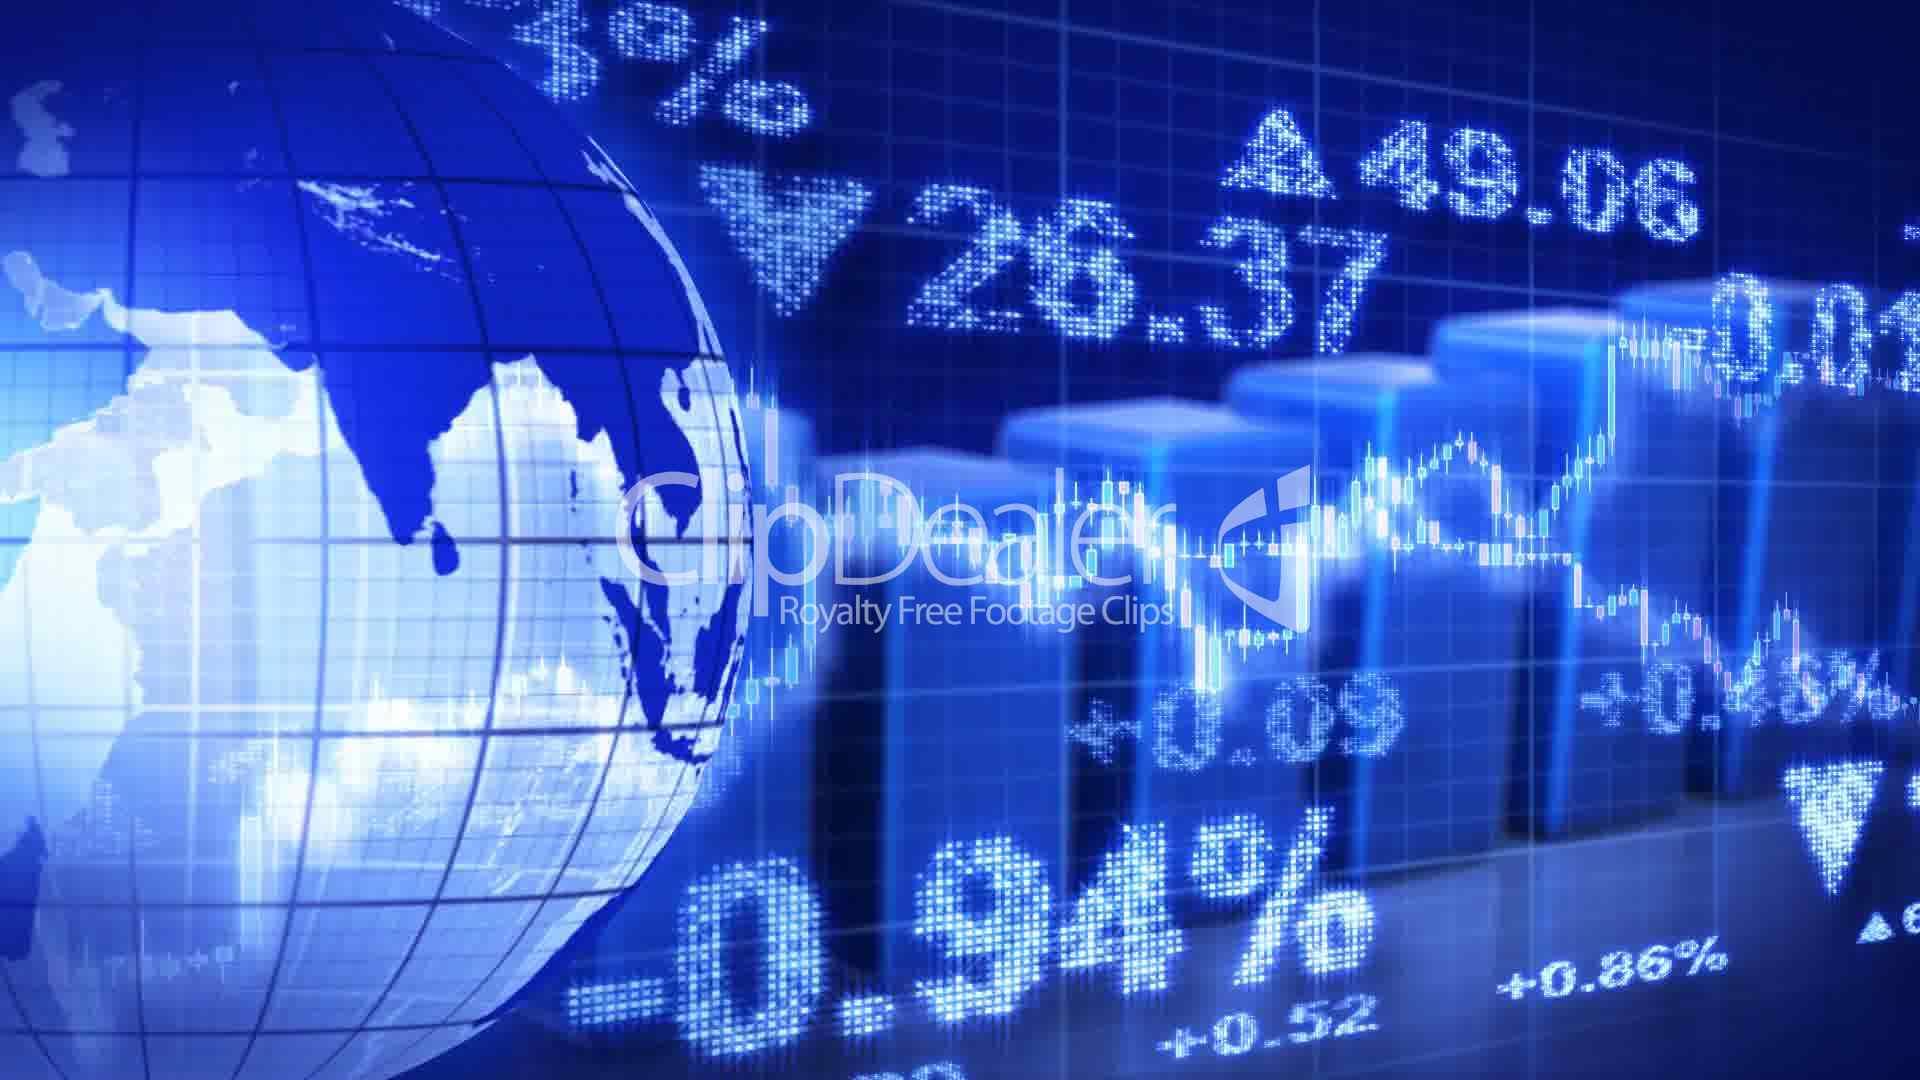 Stock Market Crash Wallpapers - Wallpaper Cave